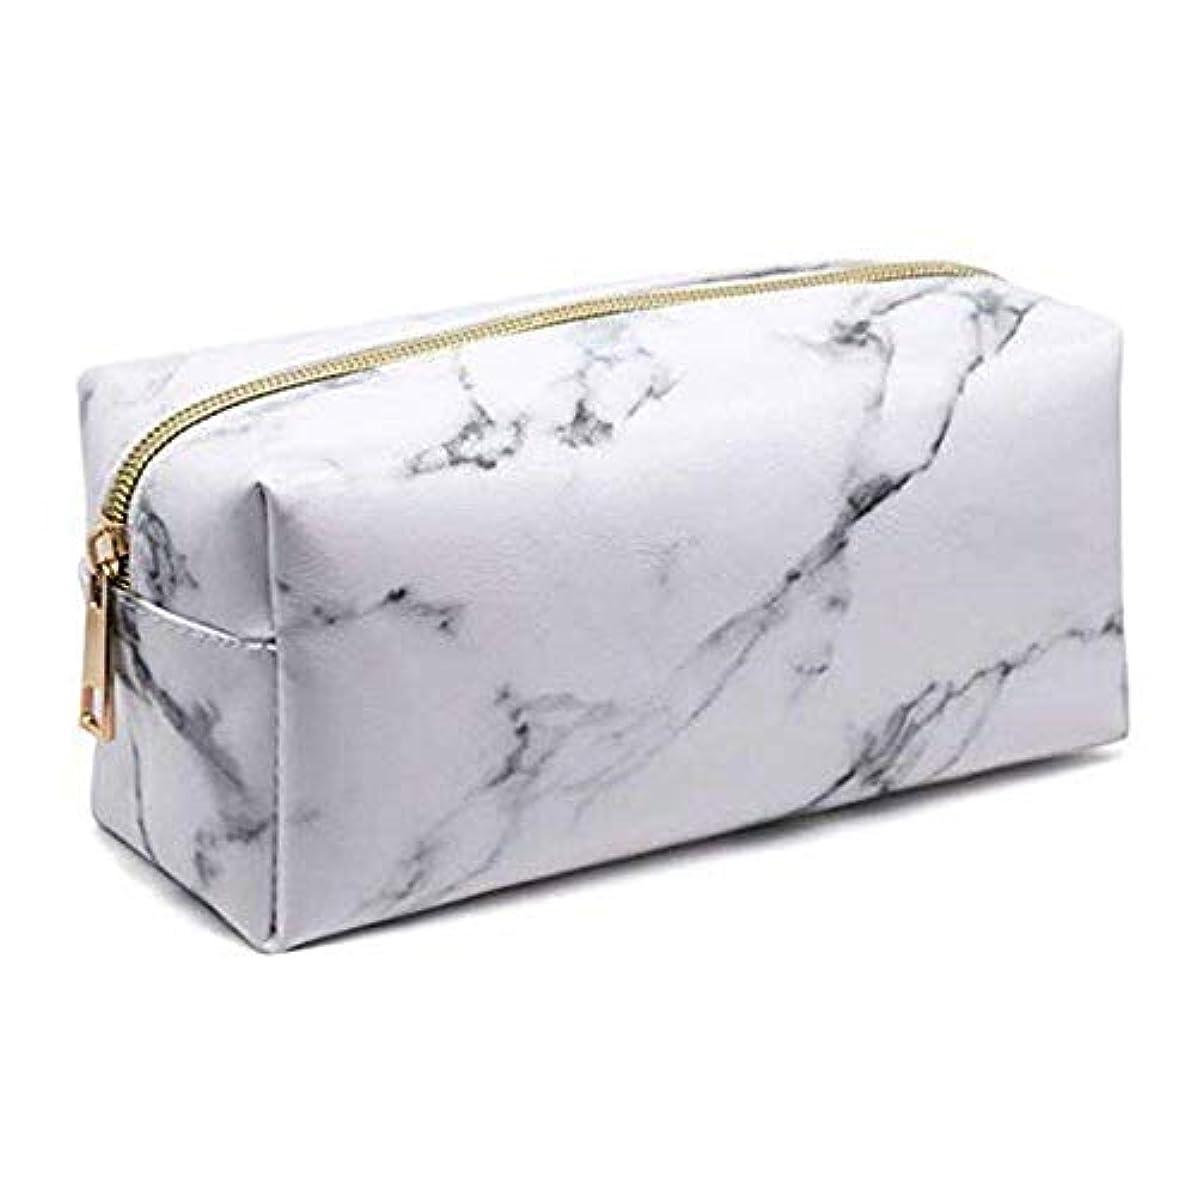 応答尊厳詐欺Pichidr-JP 化粧品袋化粧品袋ゴールドジッパー旅行ウォッシュバッグ化粧品収納袋付き屋外